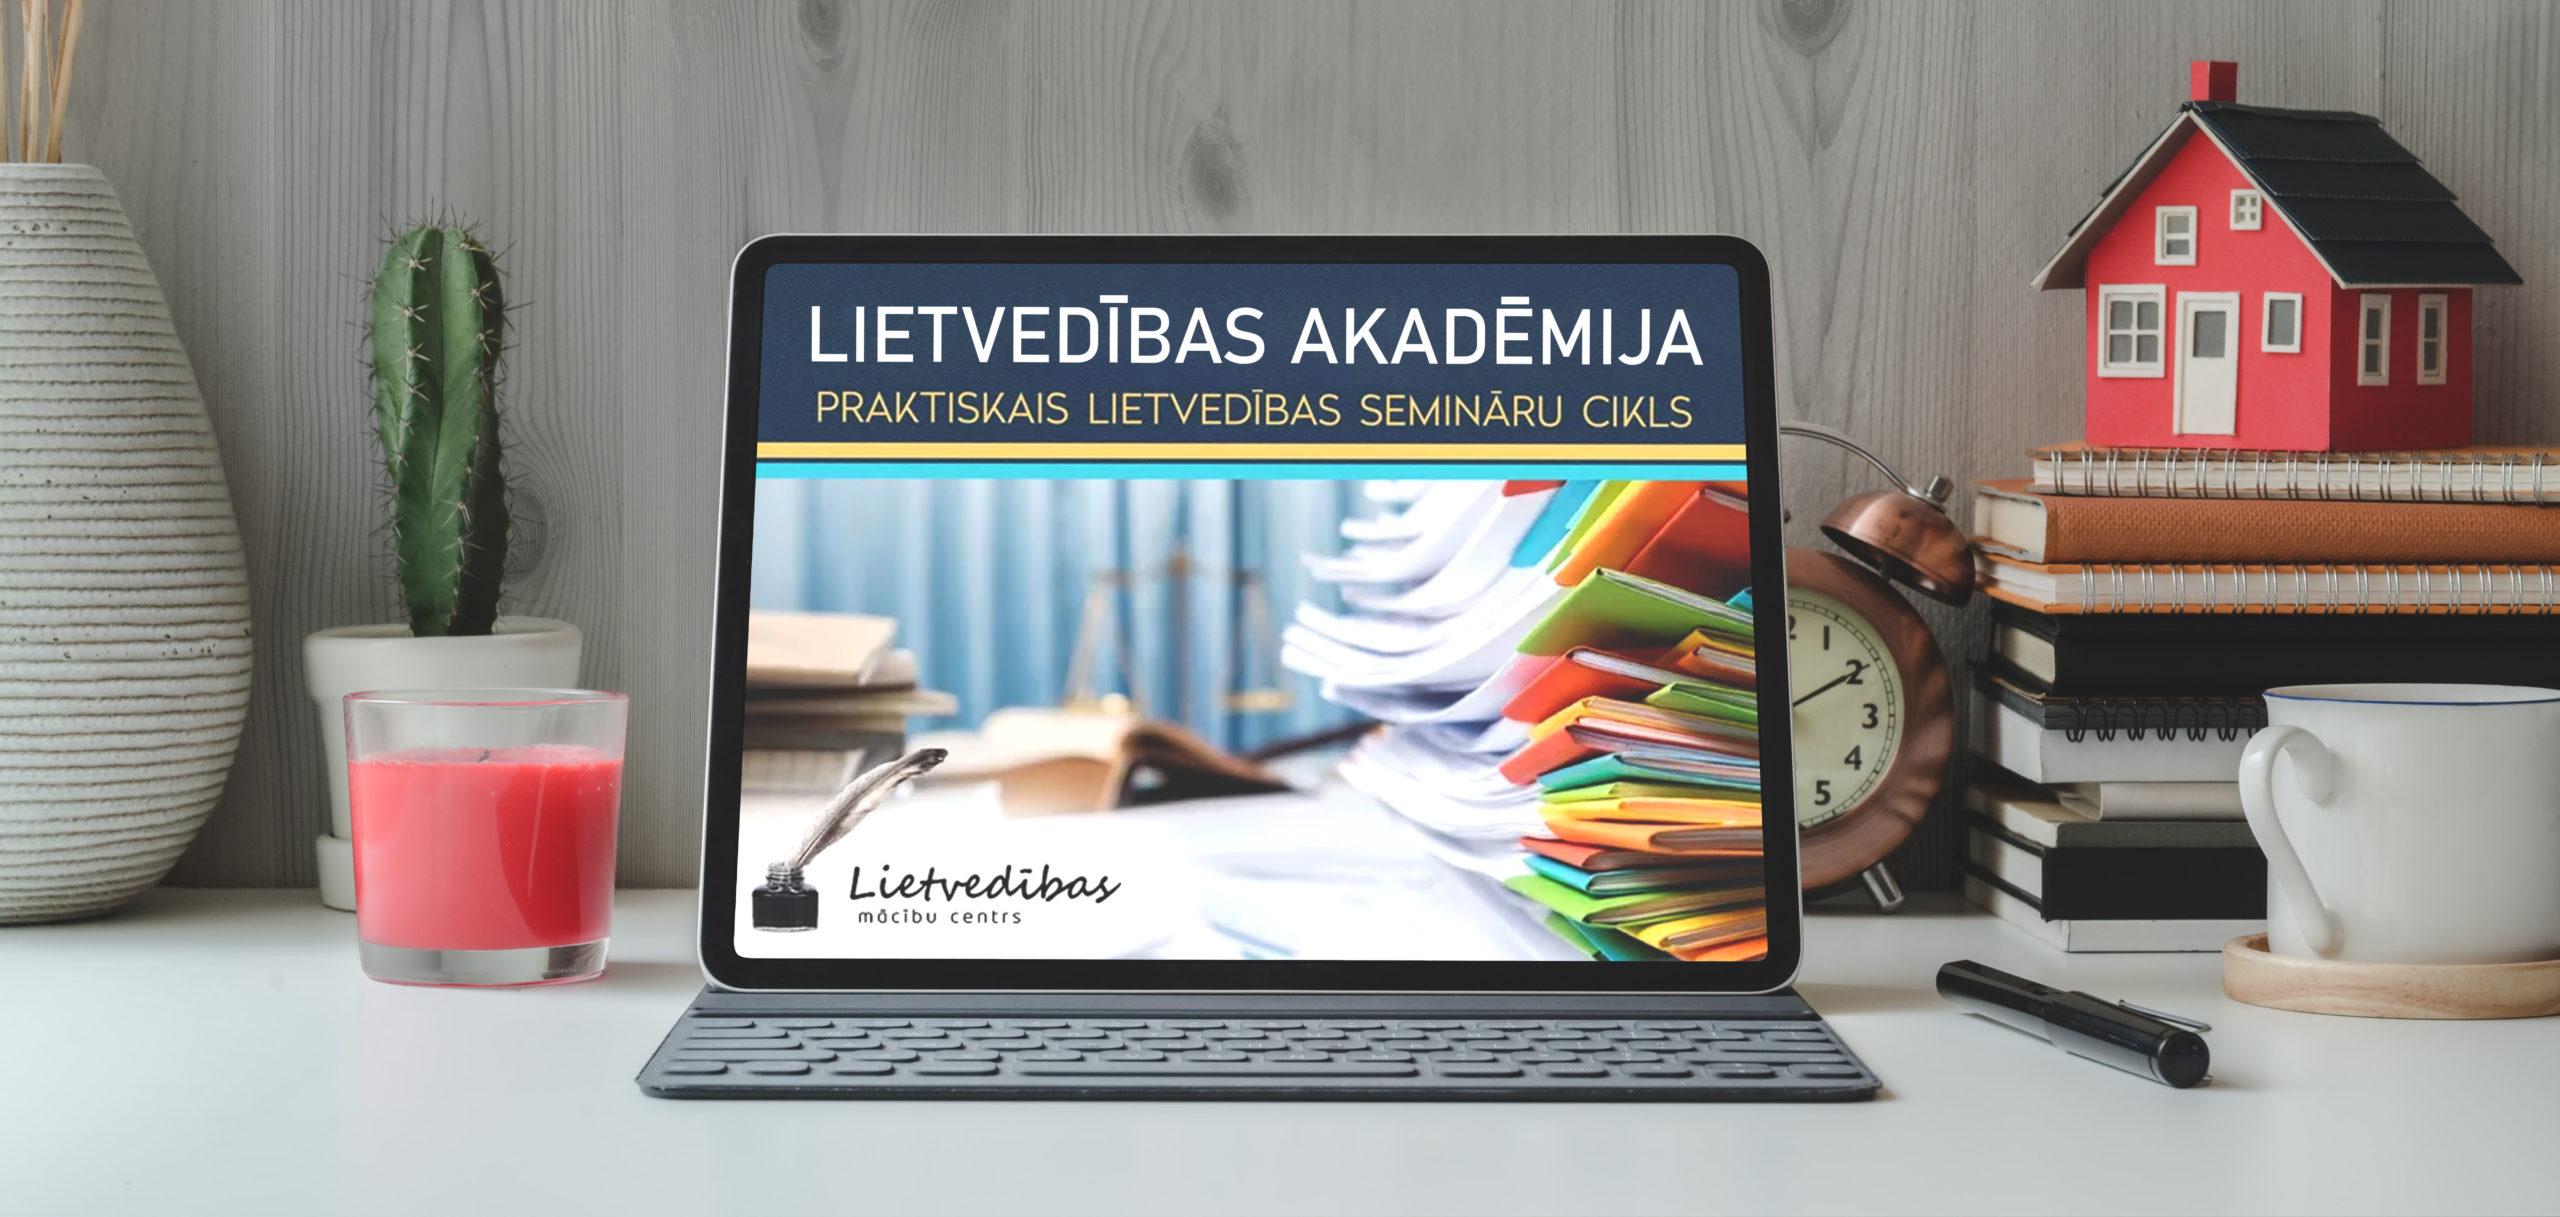 Lietvedības akadēmija (1)